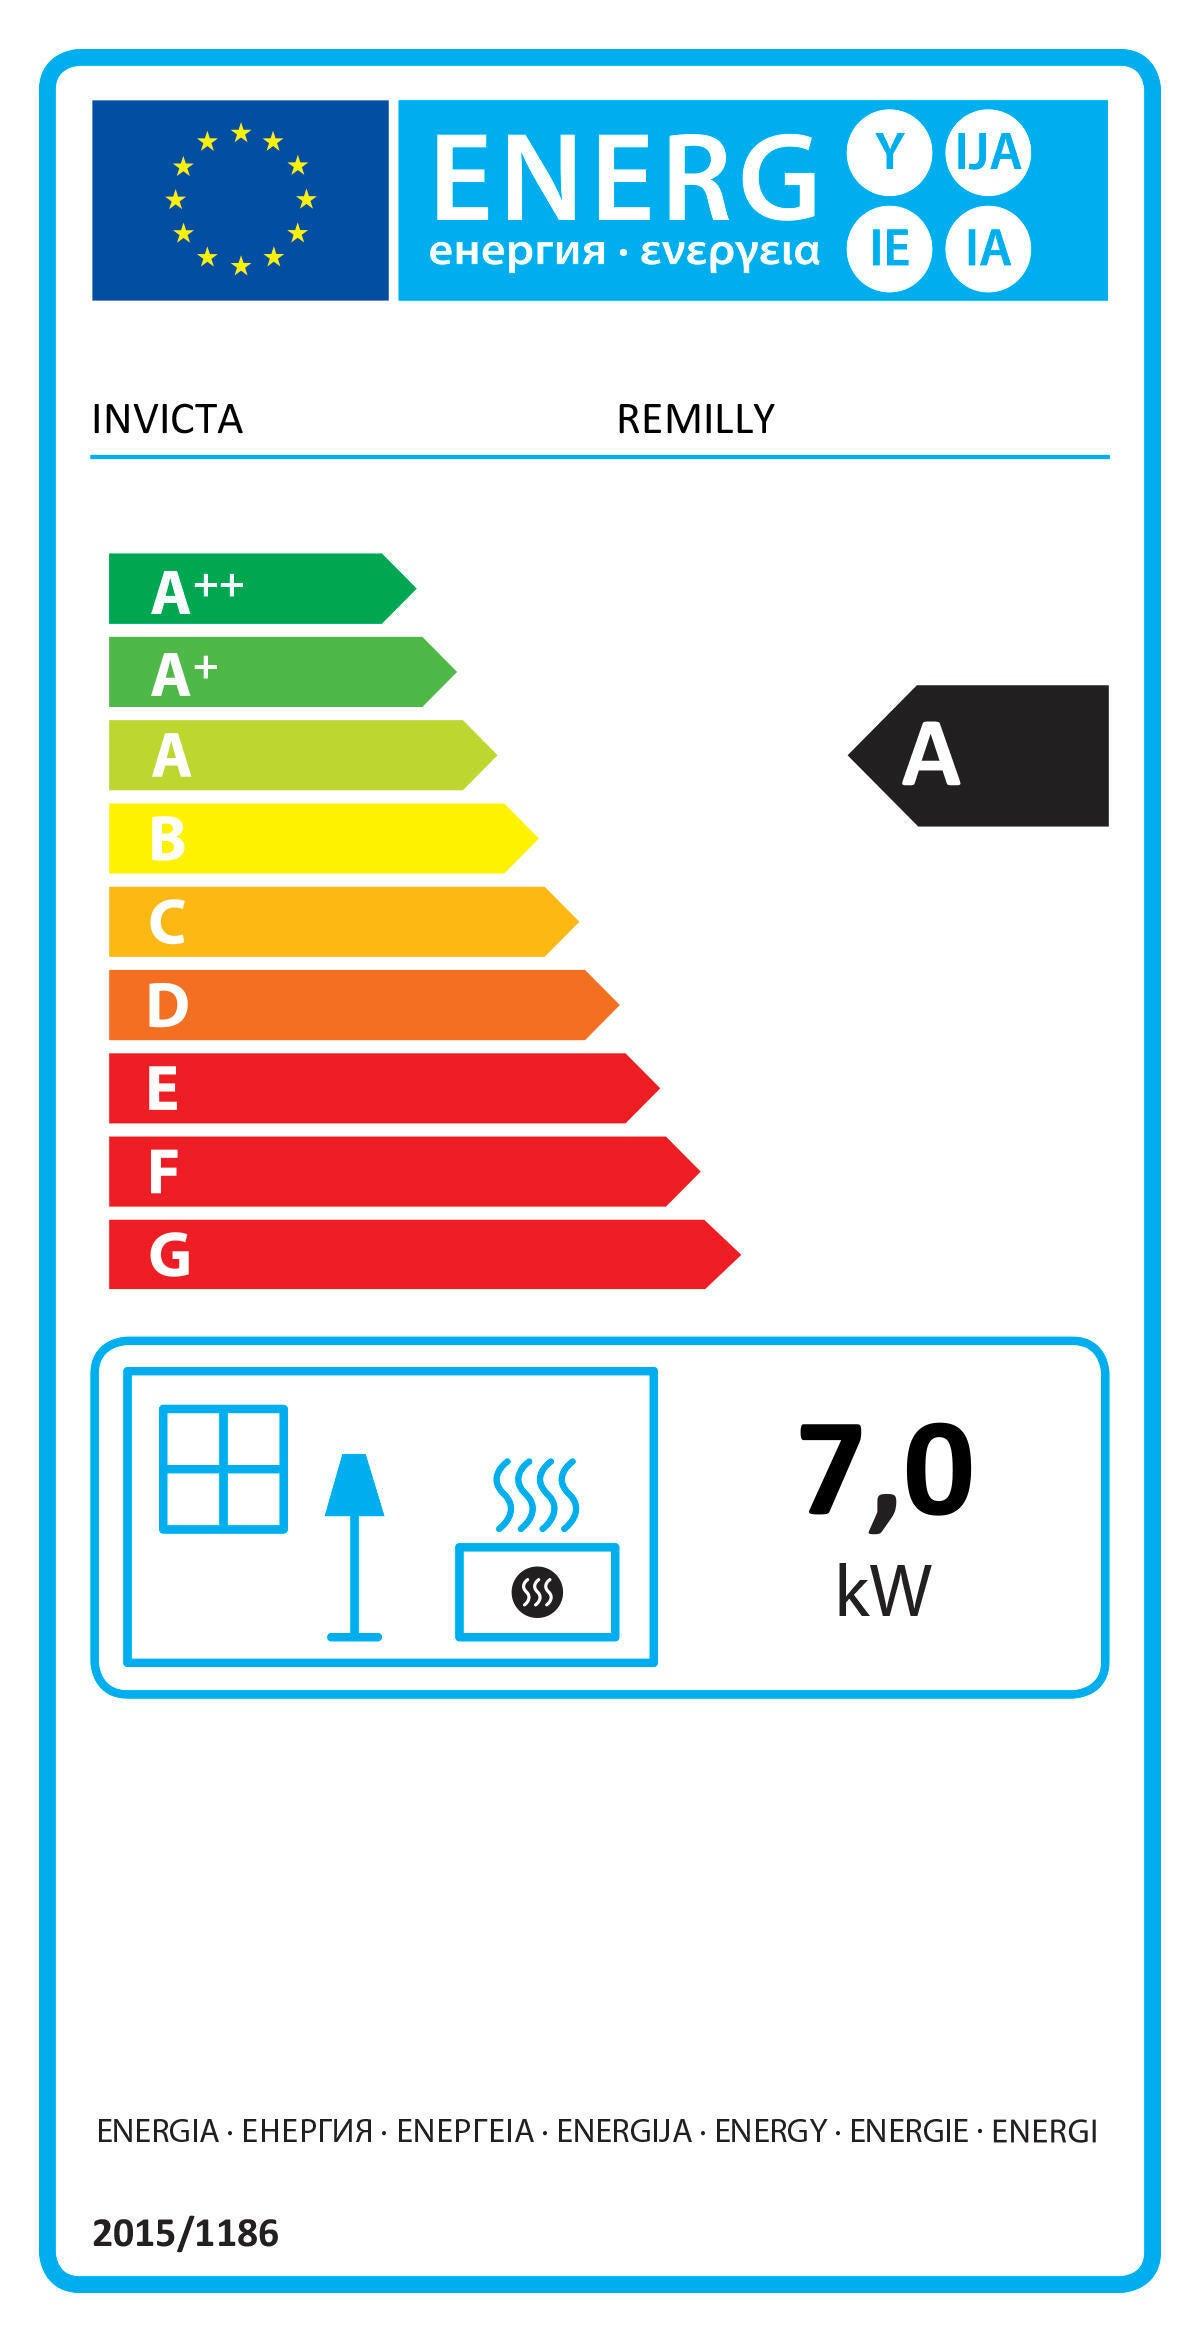 Stufa a legna INVICTA Remilly 7 kW antracite - 2